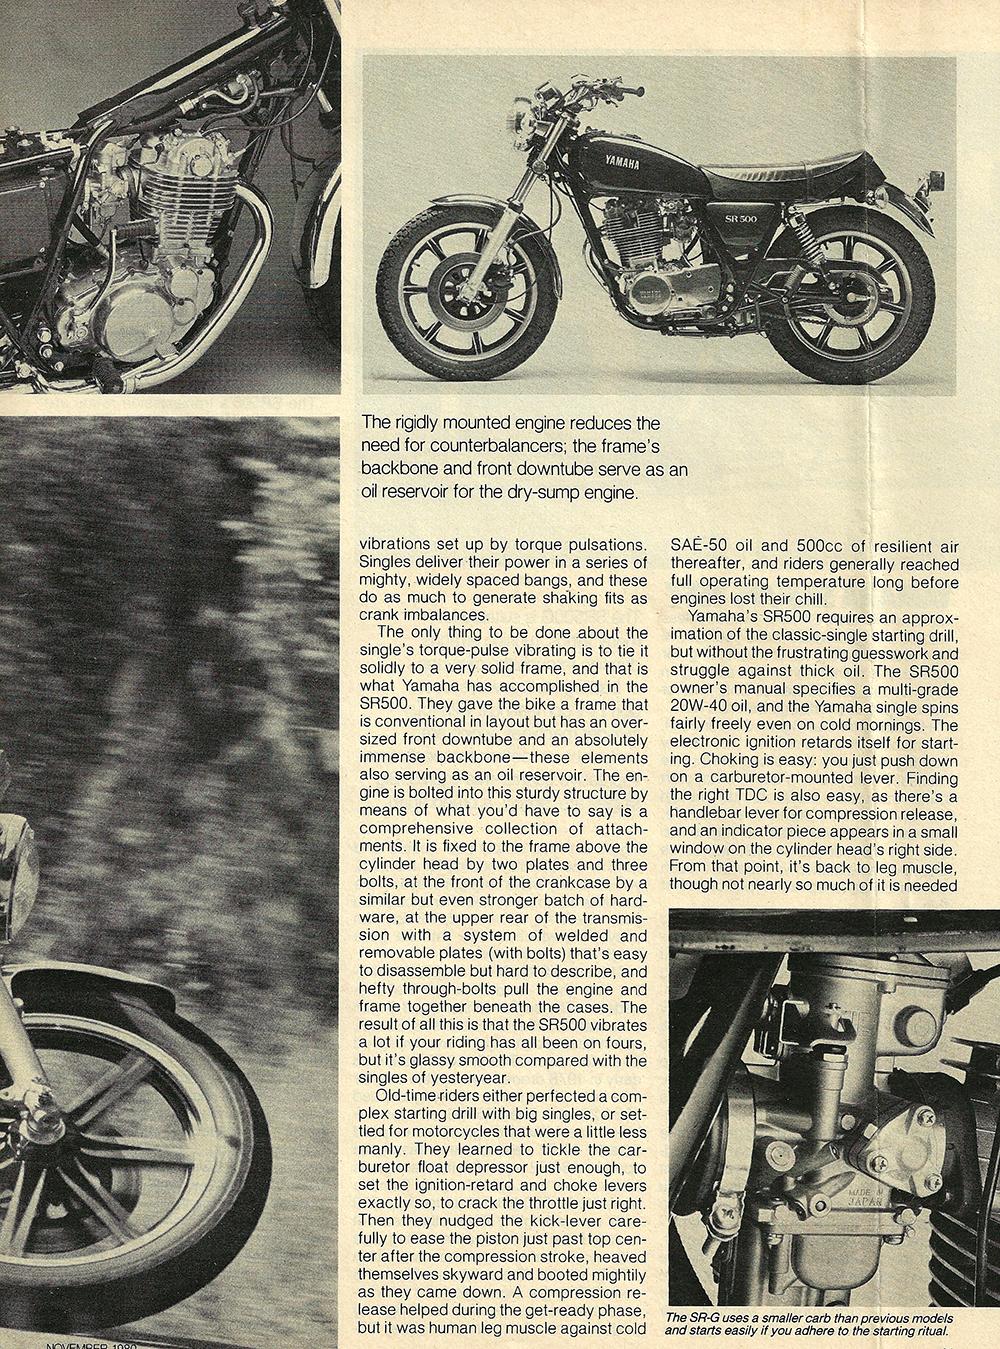 1980 Yamaha SR500 G road test 04.jpg